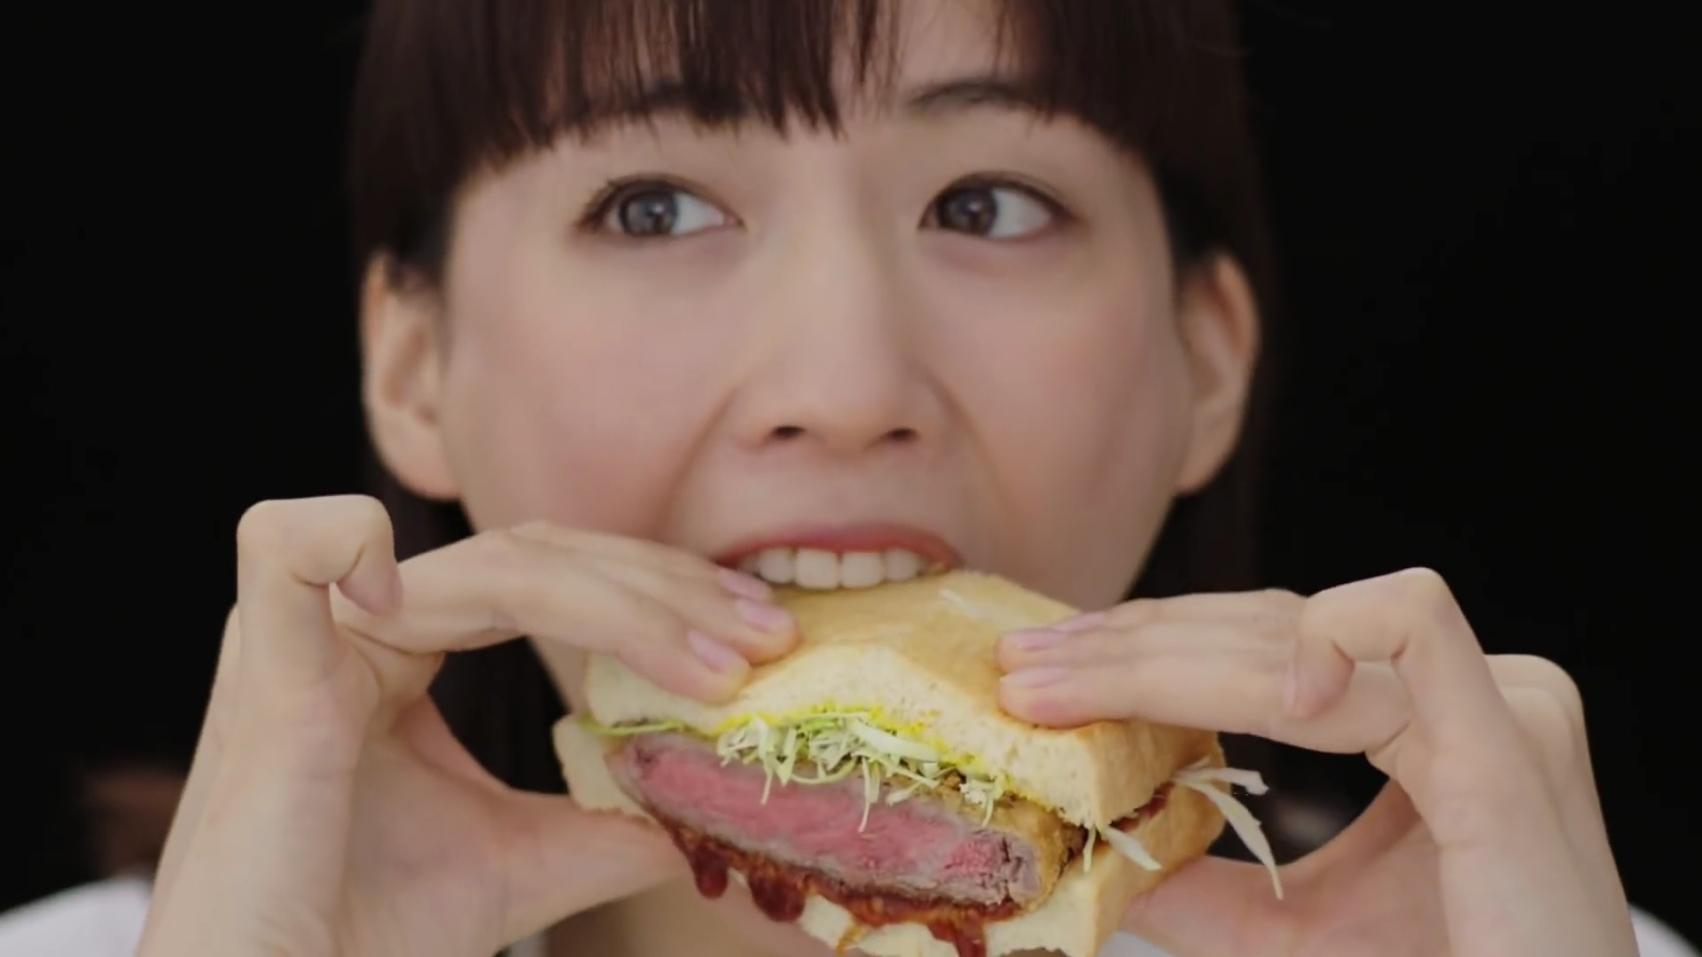 綾瀬はるかの食事舌 (1)